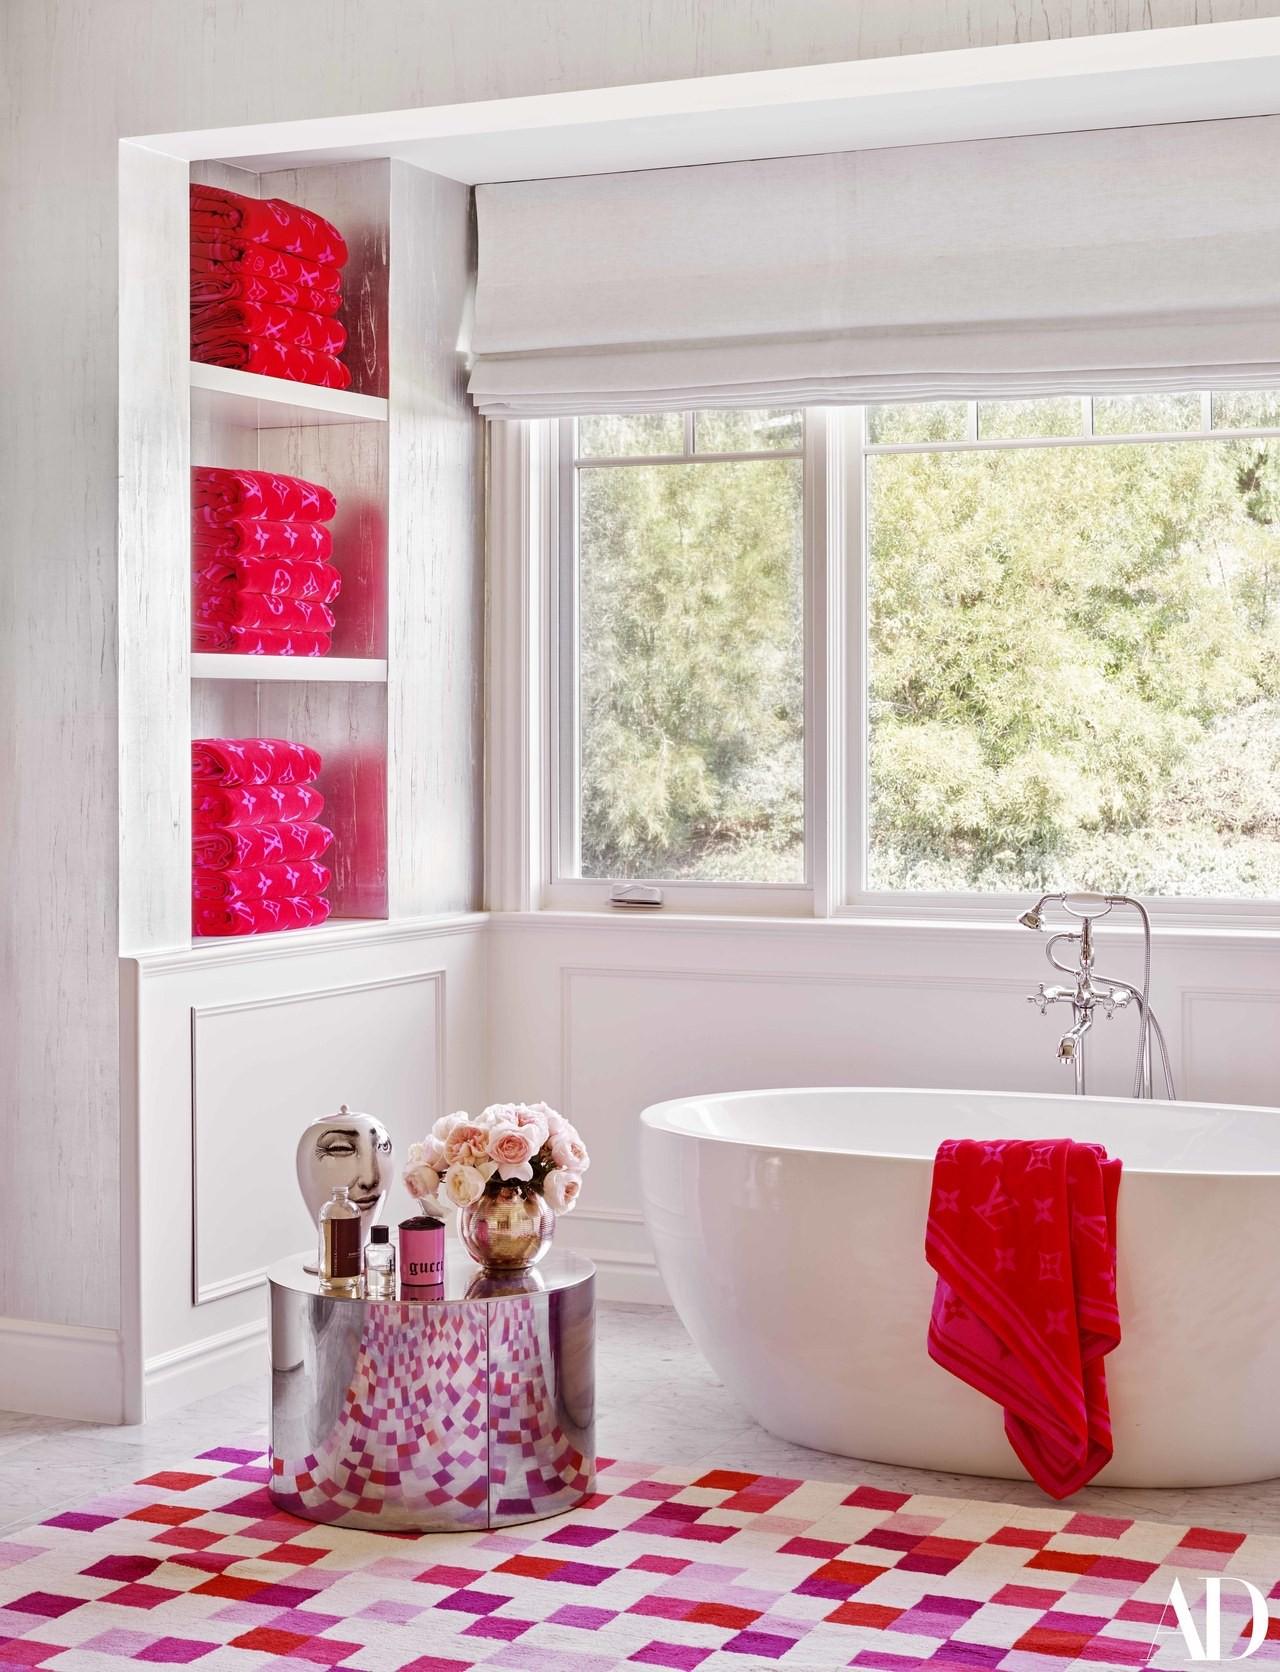 Giàu có và sành điệu như Kylie Jenner: Đến khăn tắm cũng phải là đồ hiệu Louis Vuitton, chi hơn 200 triệu chỉ để lau người - Ảnh 4.